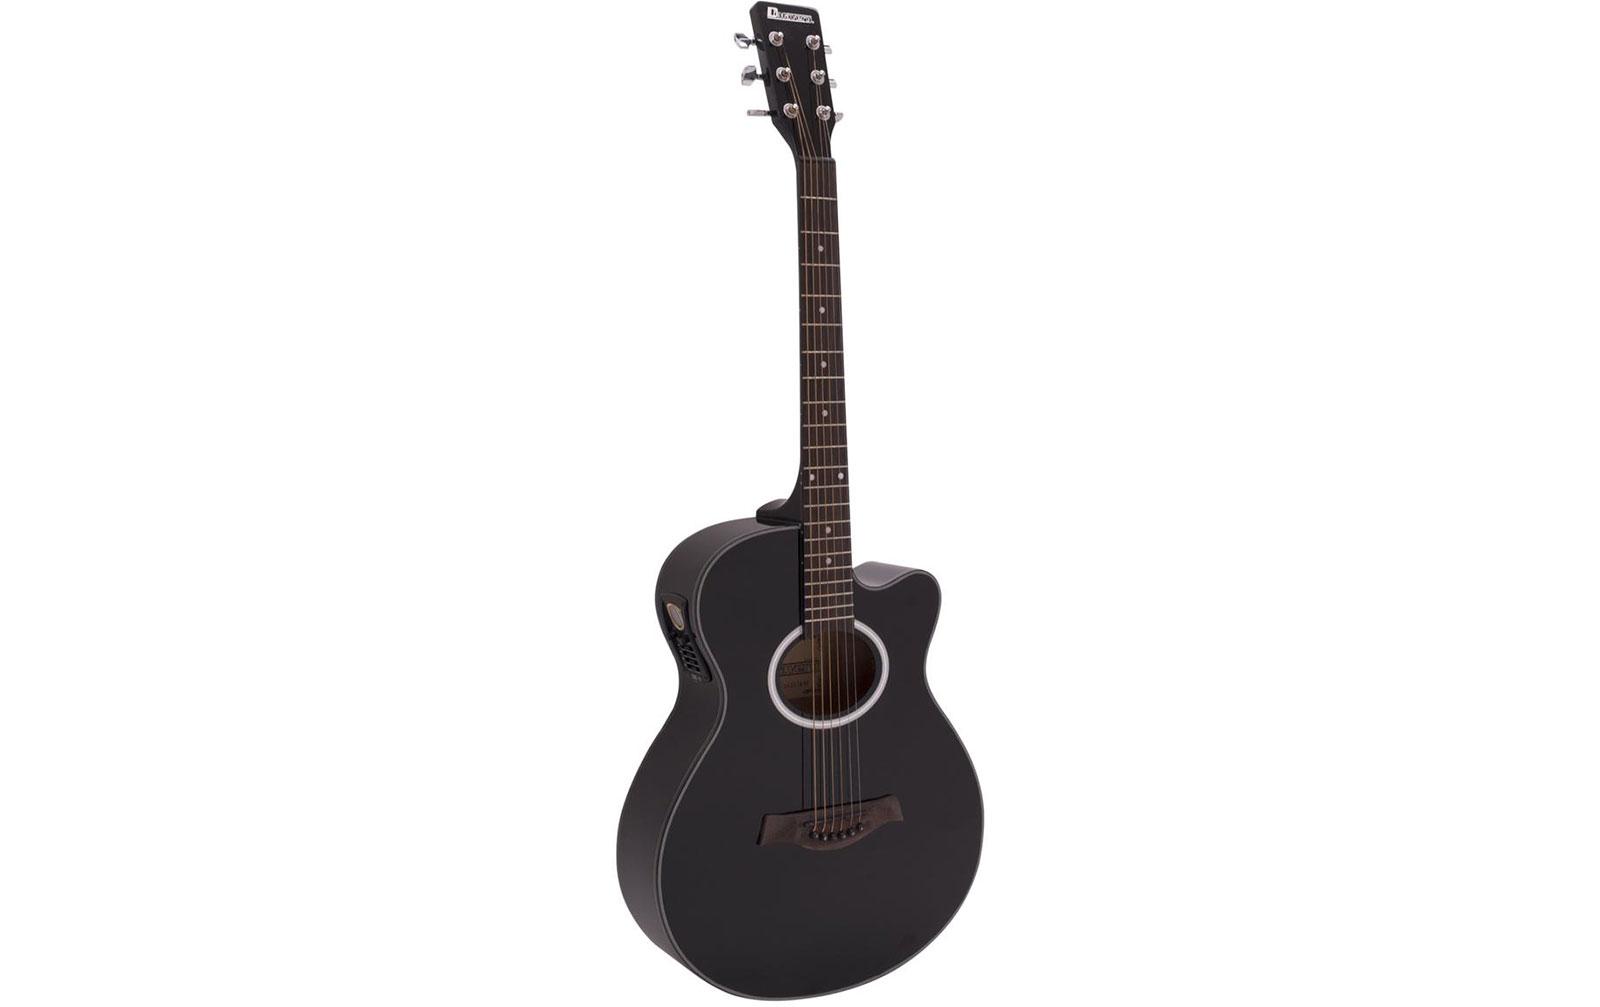 dimavery-aw-400-western-gitarre-schwarz